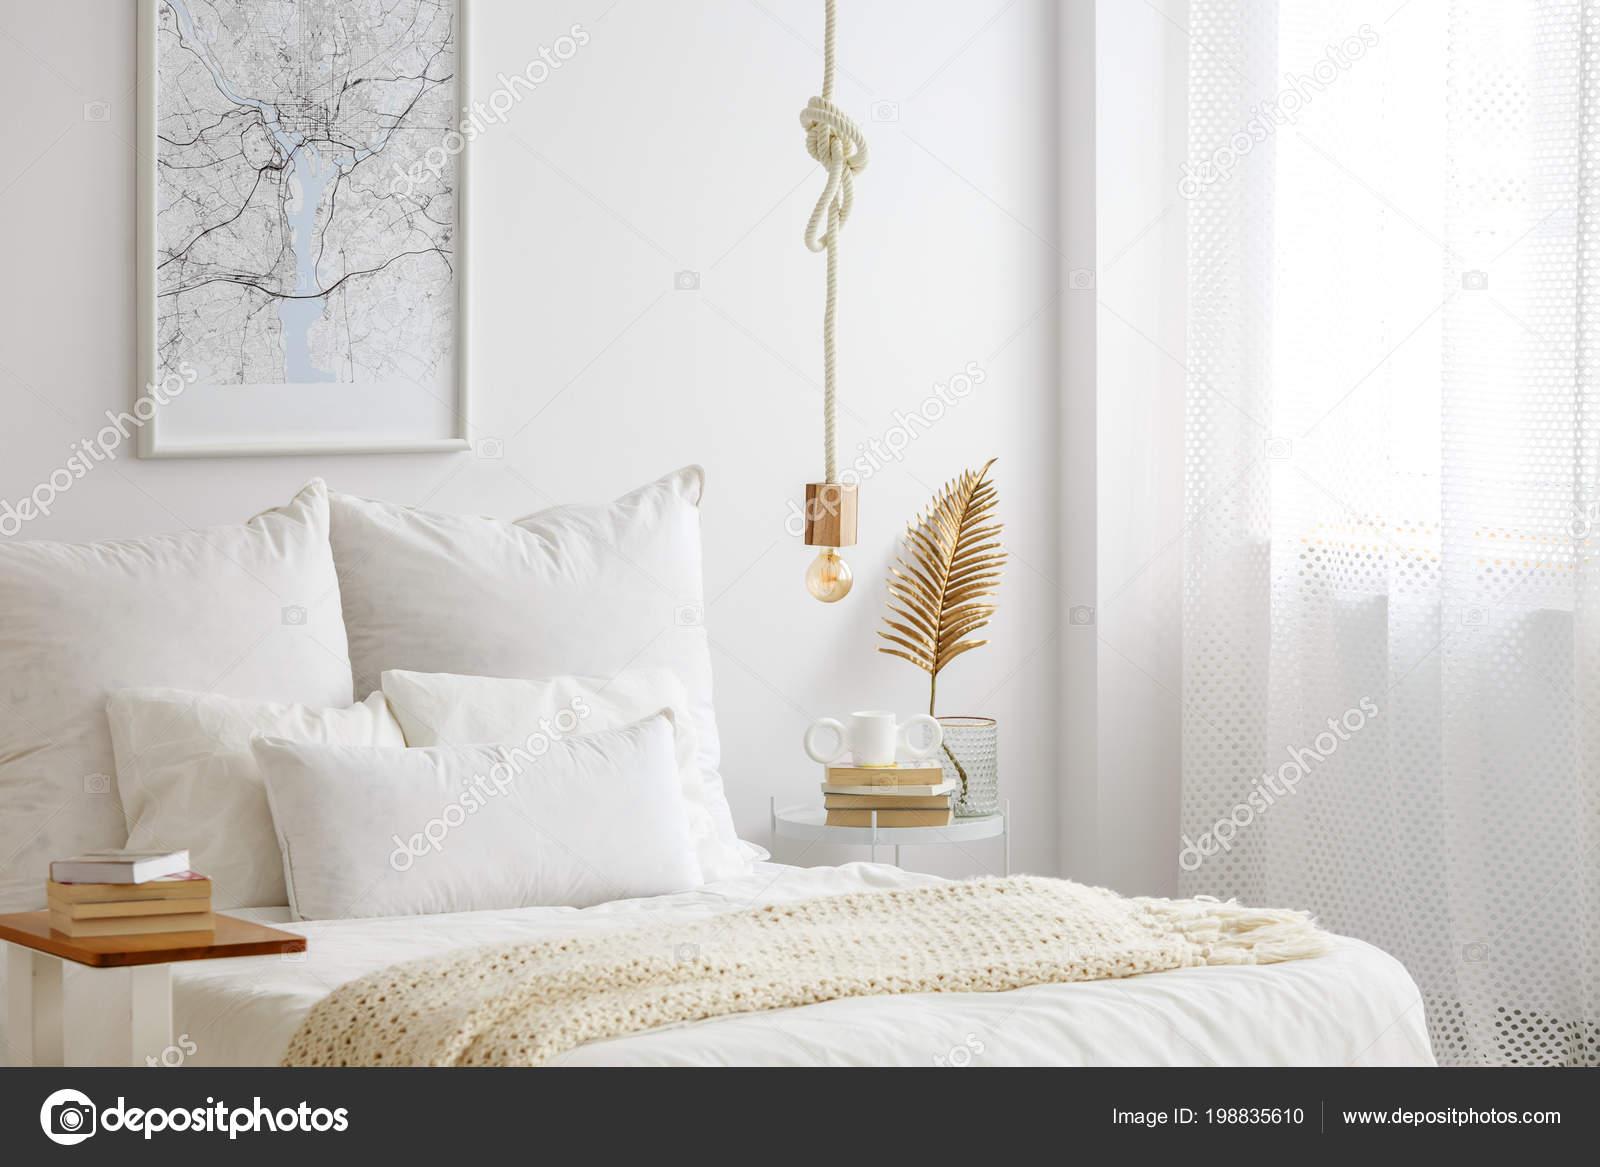 Einfache Lampe Lampe Einem Seil Hängend Über Bett Mit Weißen ...